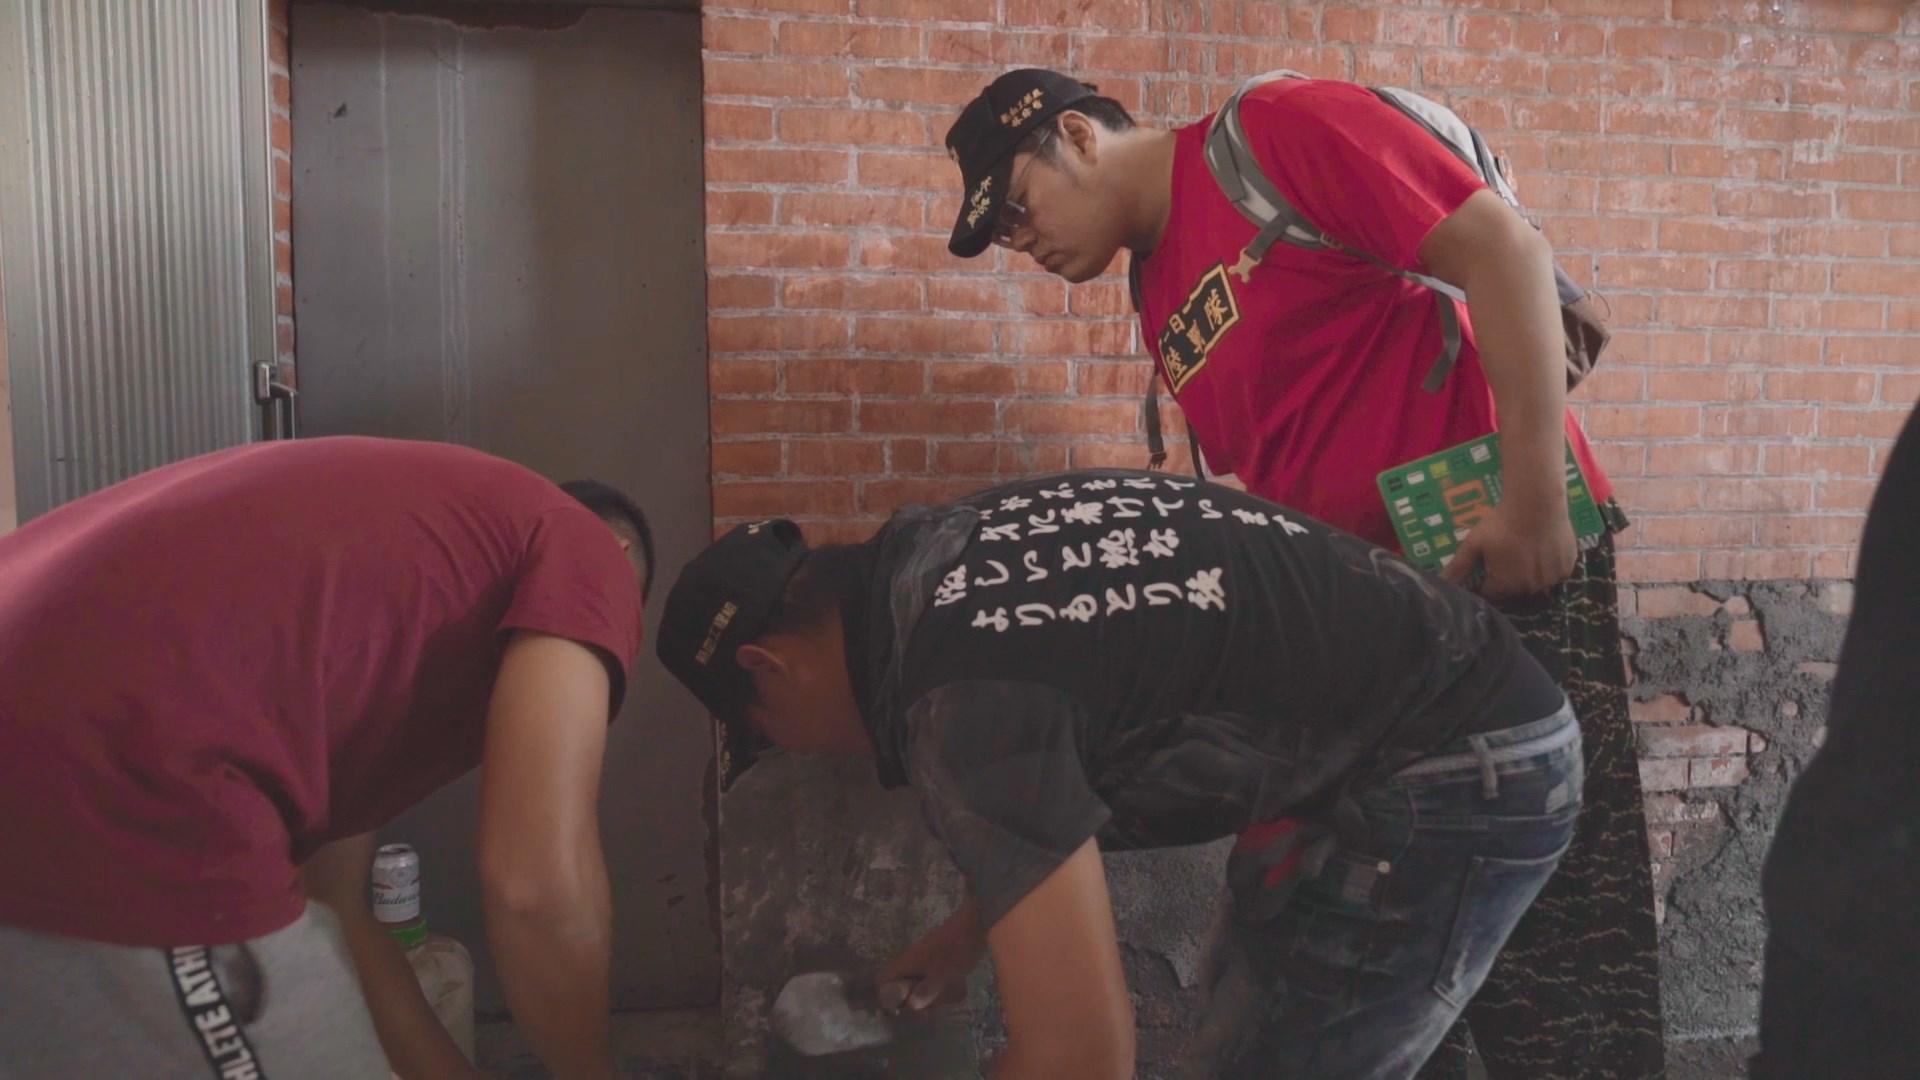 平時負責社區管理的林瑋哲,擅於協調社區內房屋、水電修繕等事務,於是主動召集海軍陸戰隊的退役隊員一同成立熱血工程組。